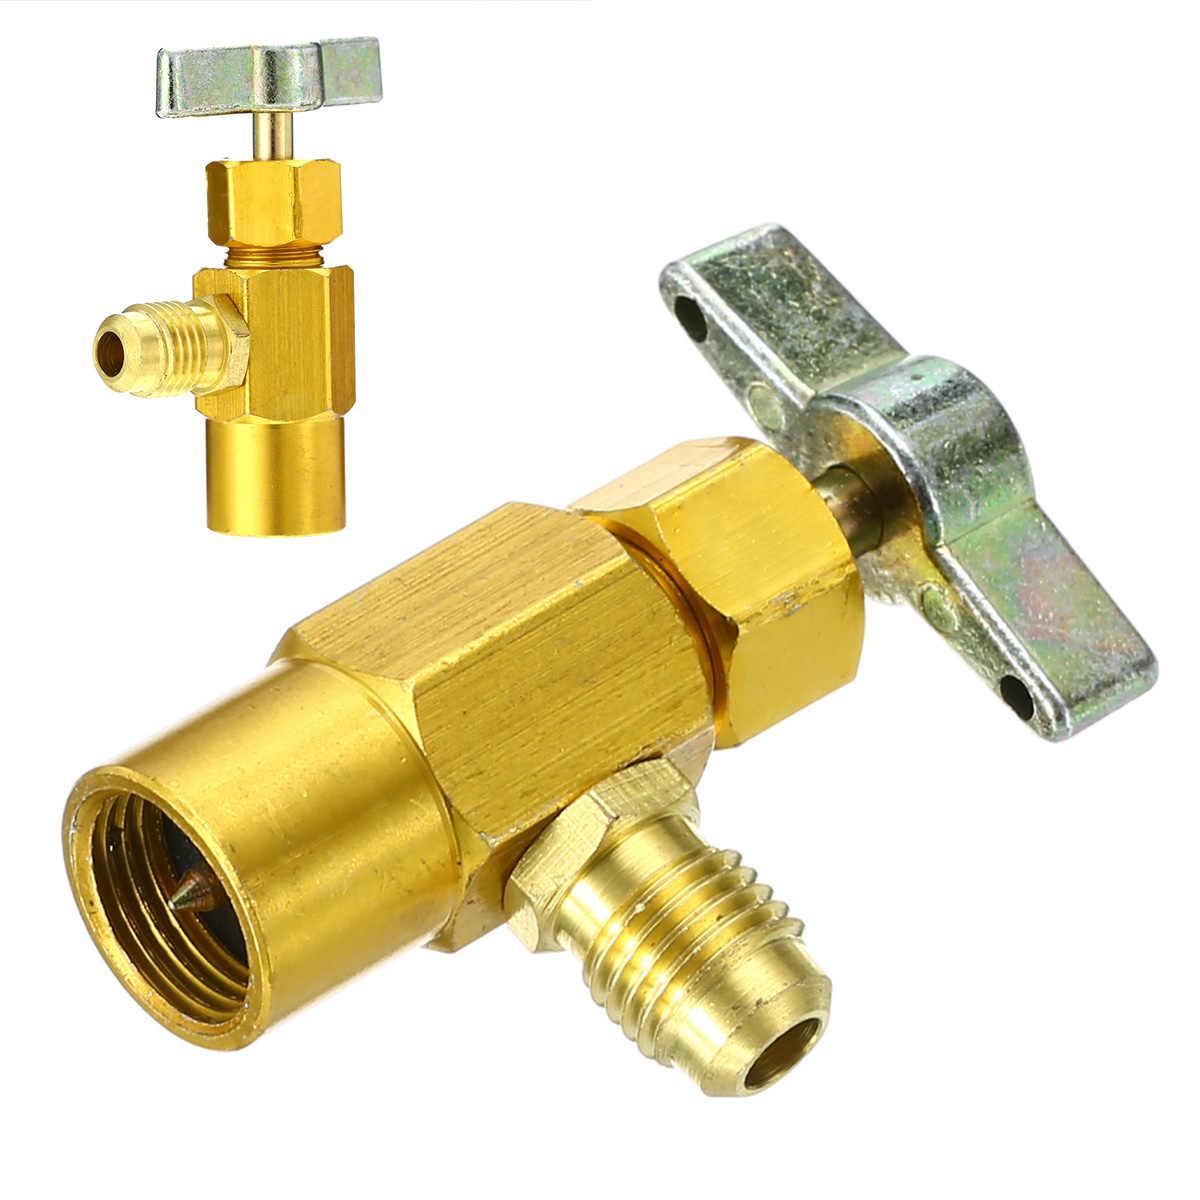 1 шт. прочный R-134a хладагент переменного тока может кран для канистры для клапан 1/4 SAE M14 Резьбовой Адаптер инструменты запасные части для 60*35 мм Mayitr